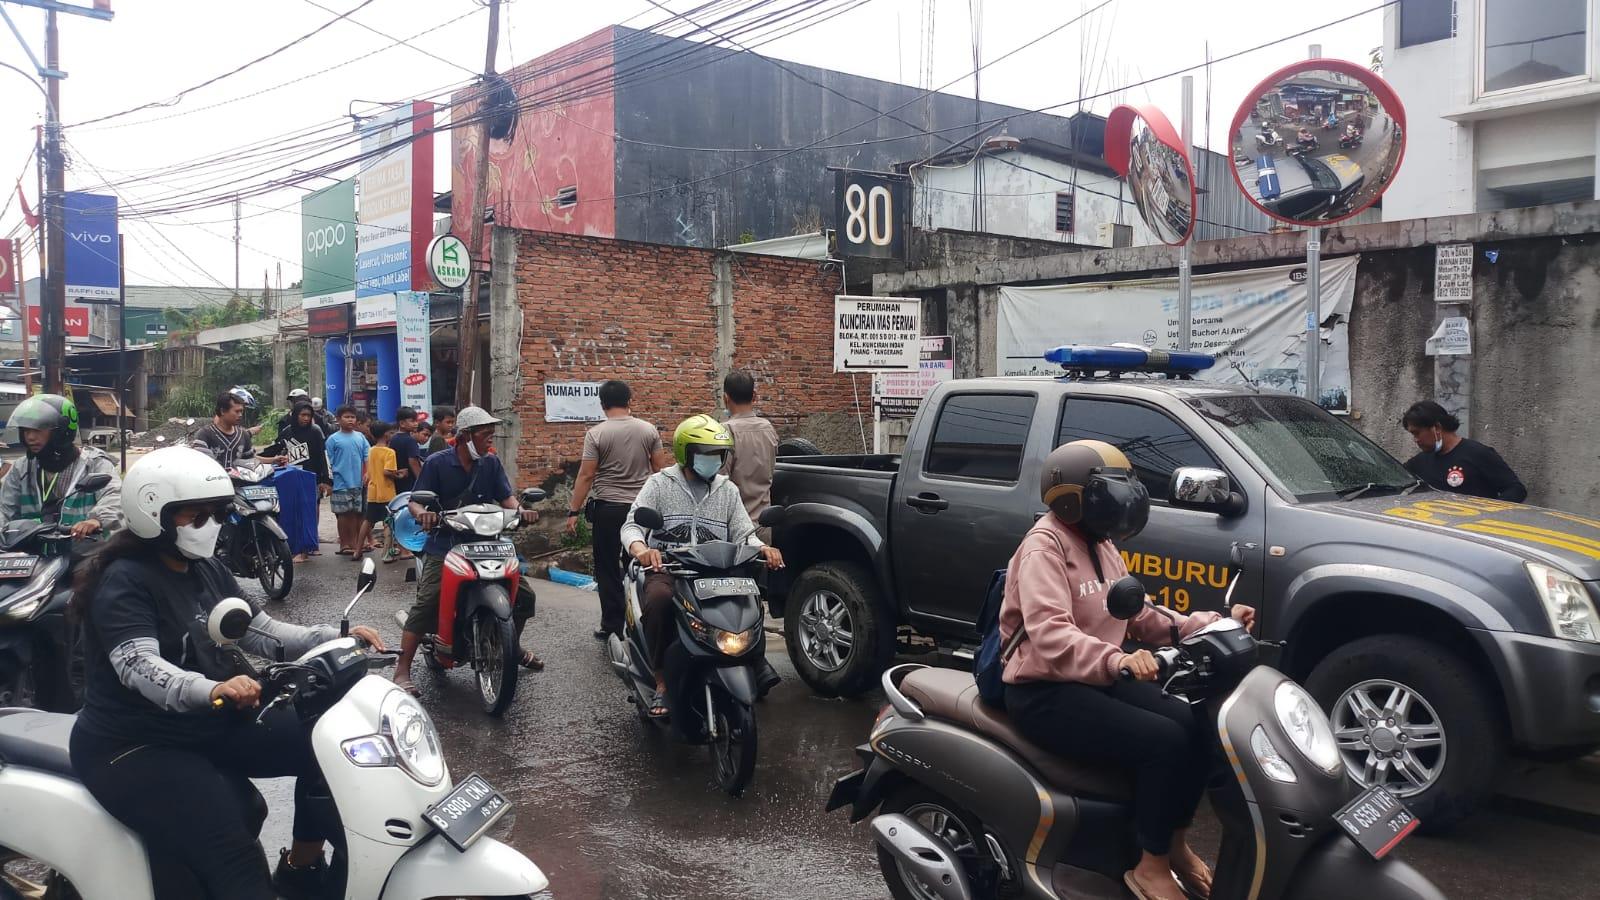 Suasana warga yang memadati insiden satu unit mobil pikap terperosok kedalam saluran air di Jalan Sultan Ageng Tirtayasa, Kelurahan Kunciran Indah, Kecamatan Pinang, Kota Tangerang, Senin 27 September 2021 siang.